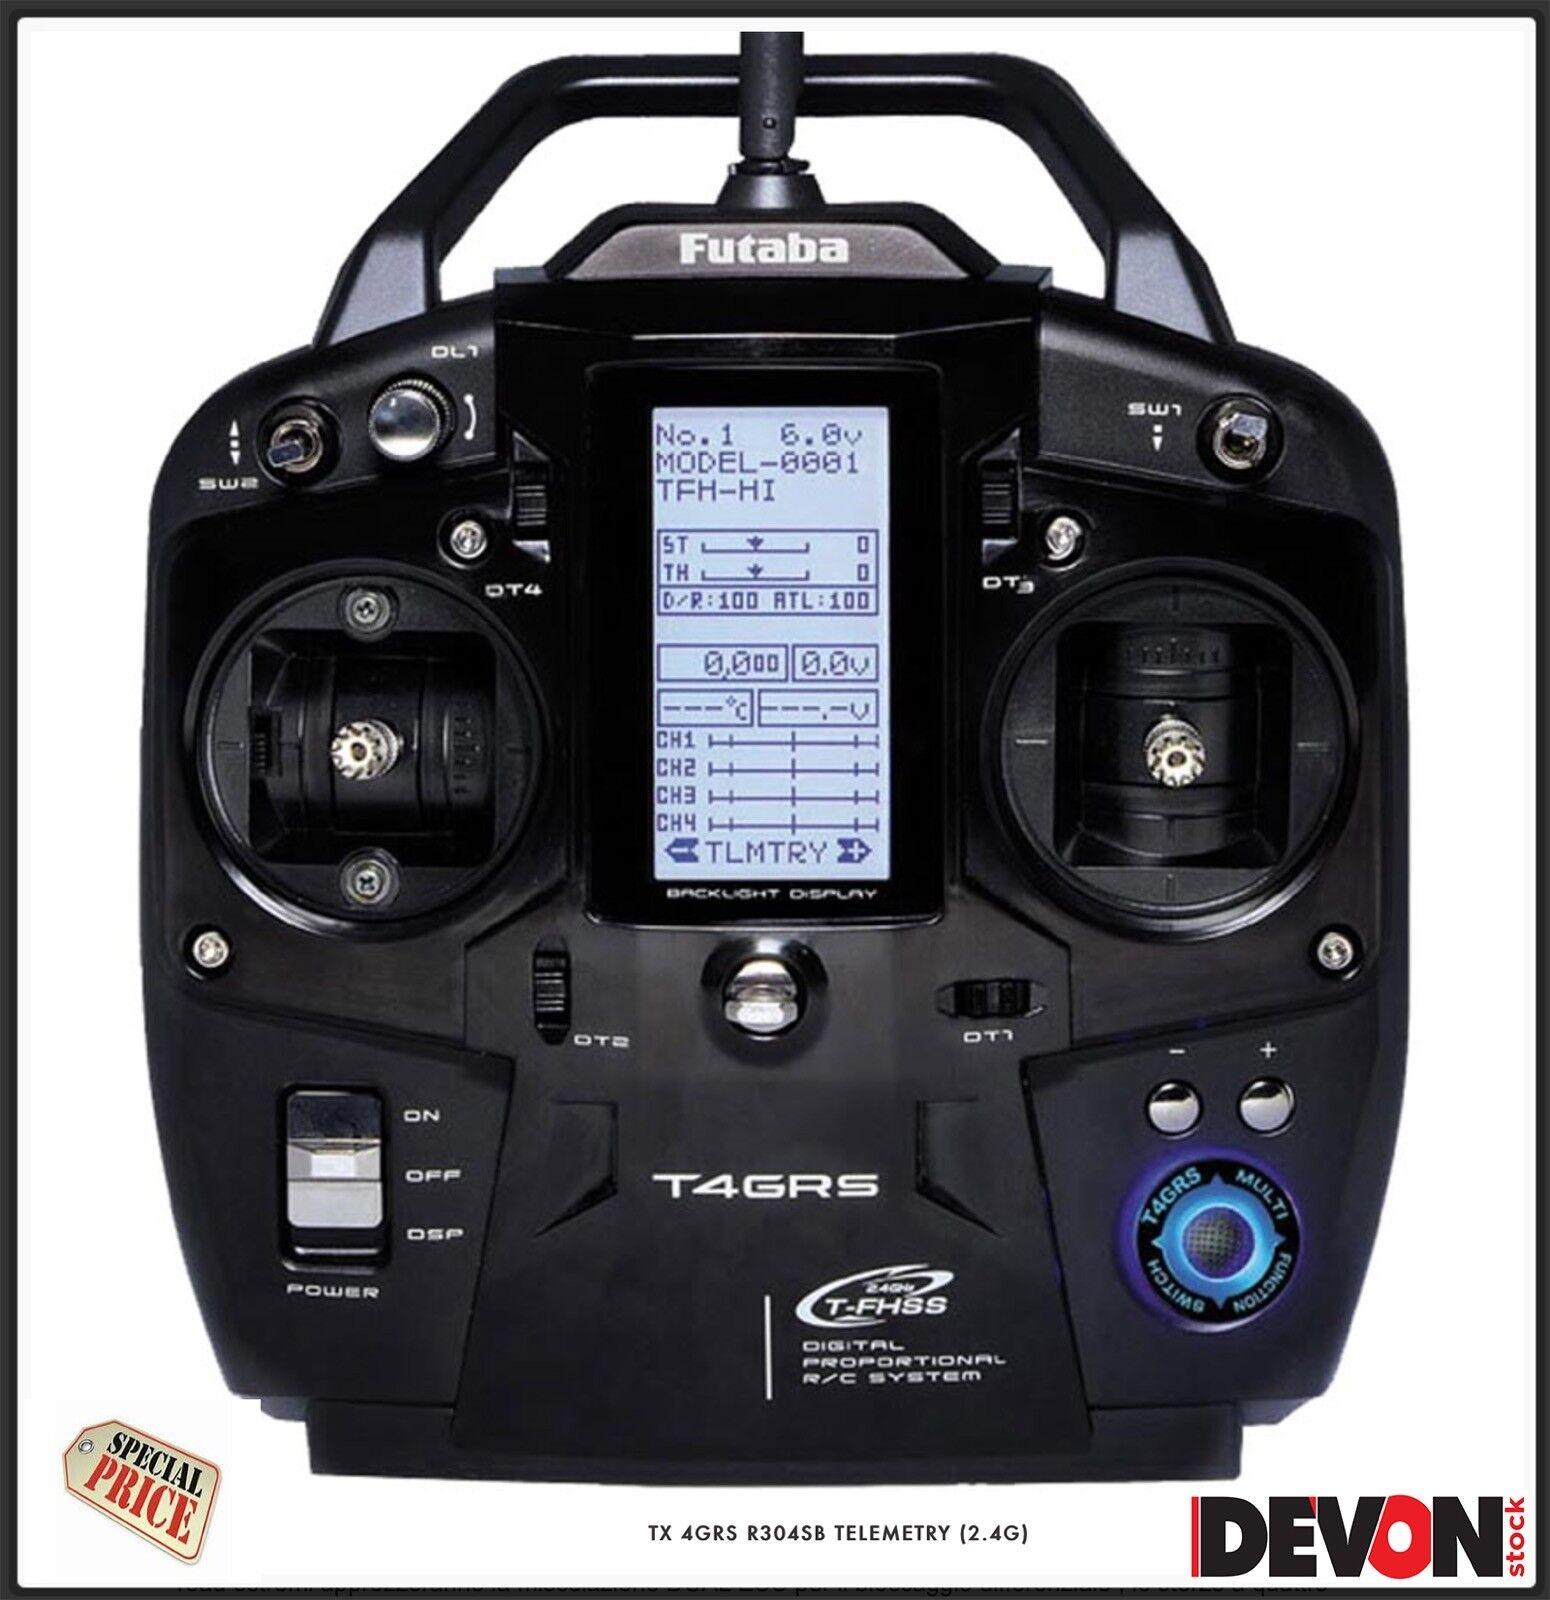 Radio control Futaba 4GRS mottagare R304SB TELEEMETtry 2.4 leksaksbil